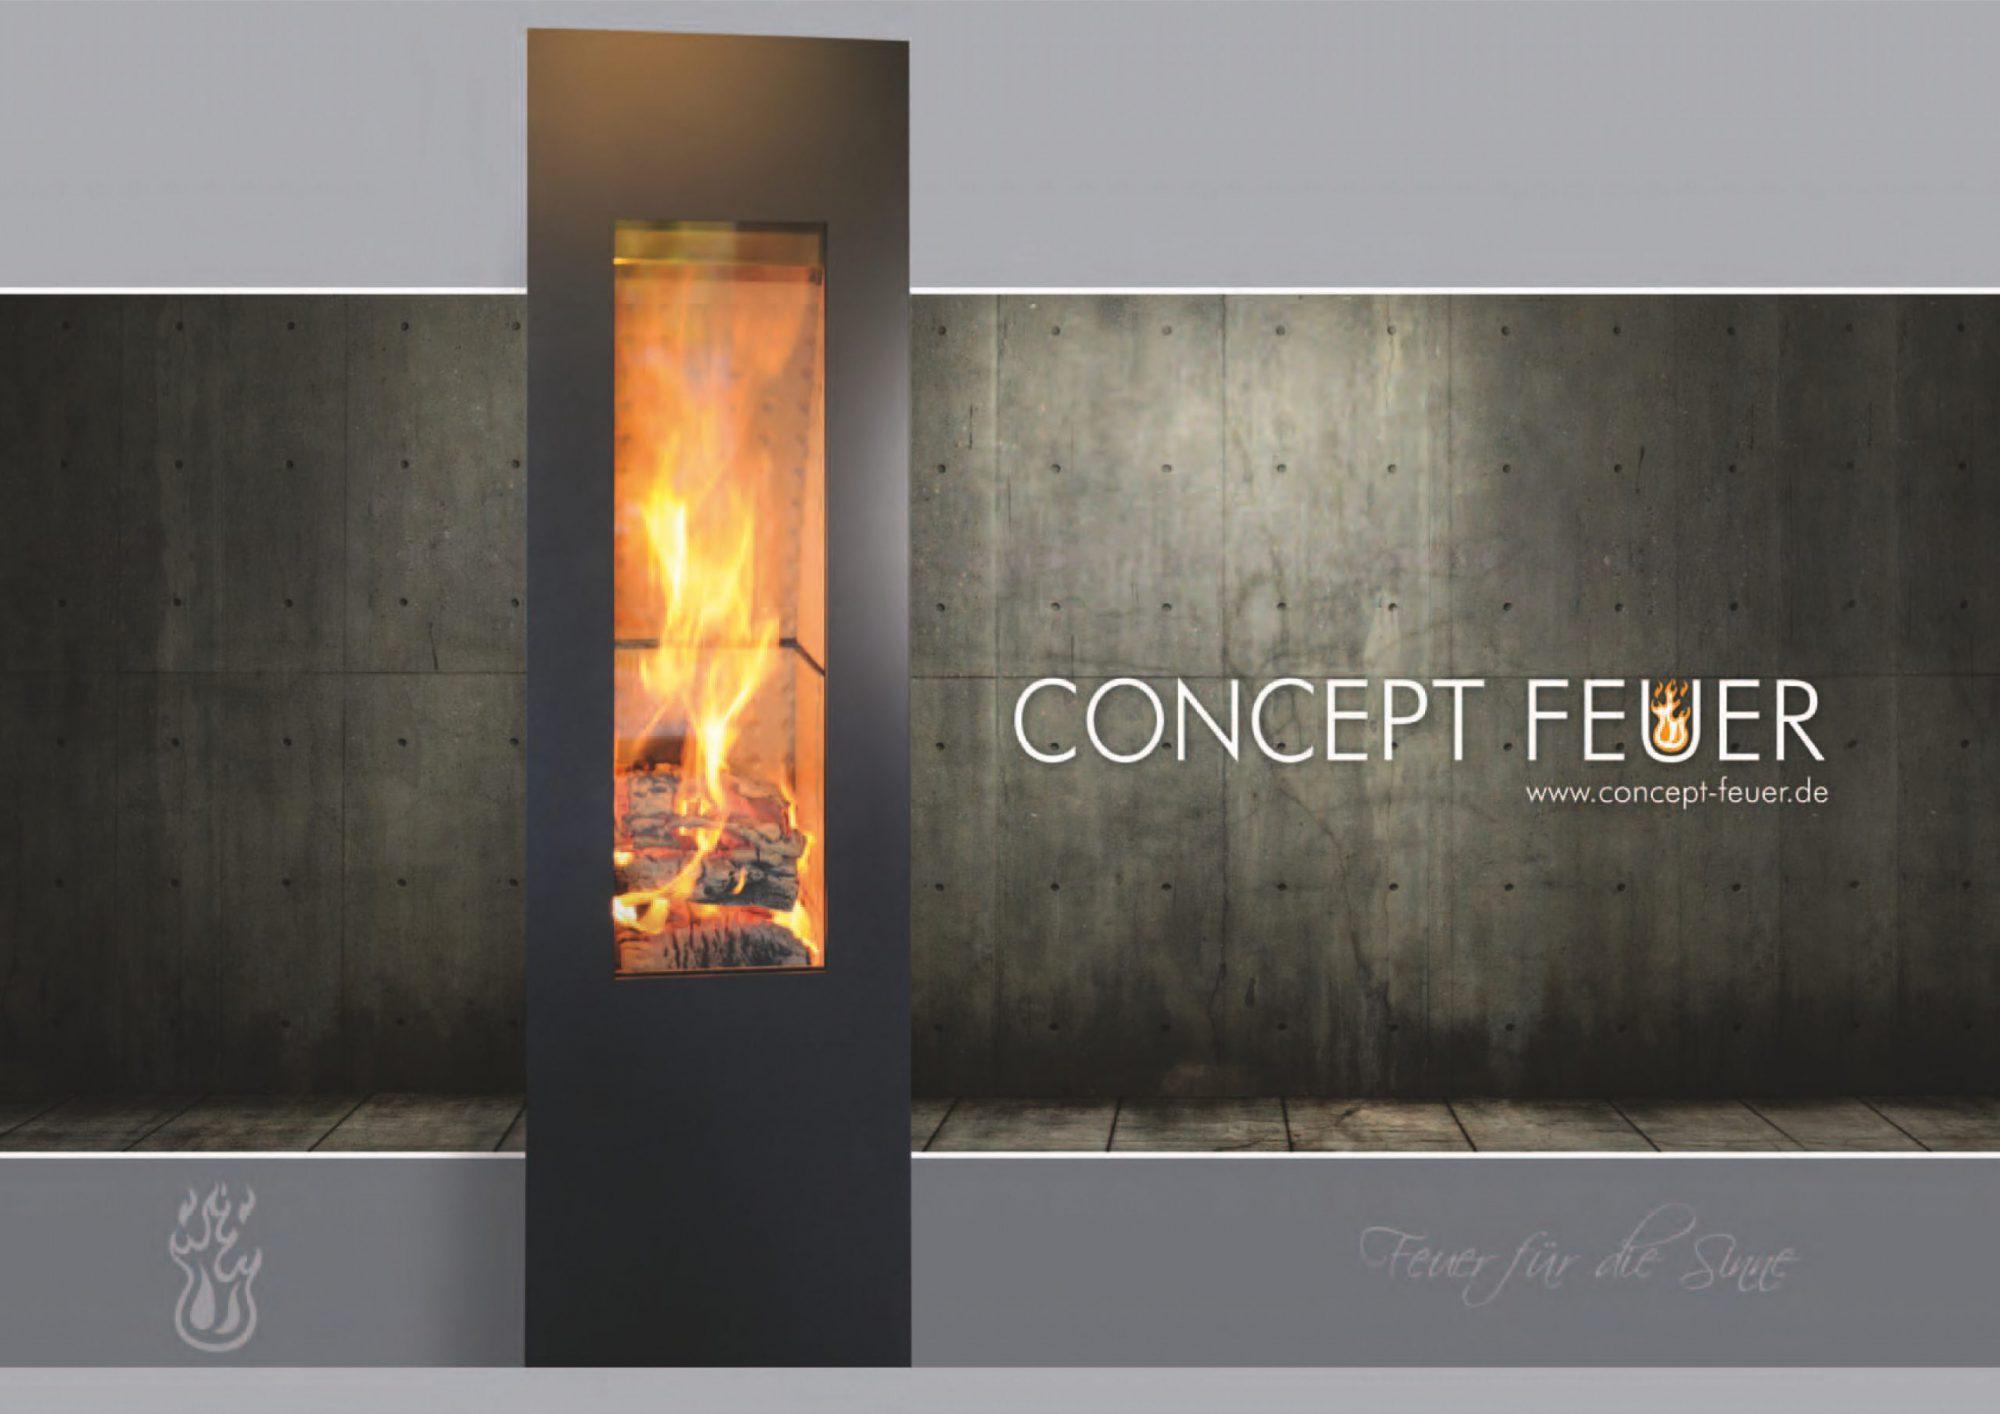 concept-feuer.de